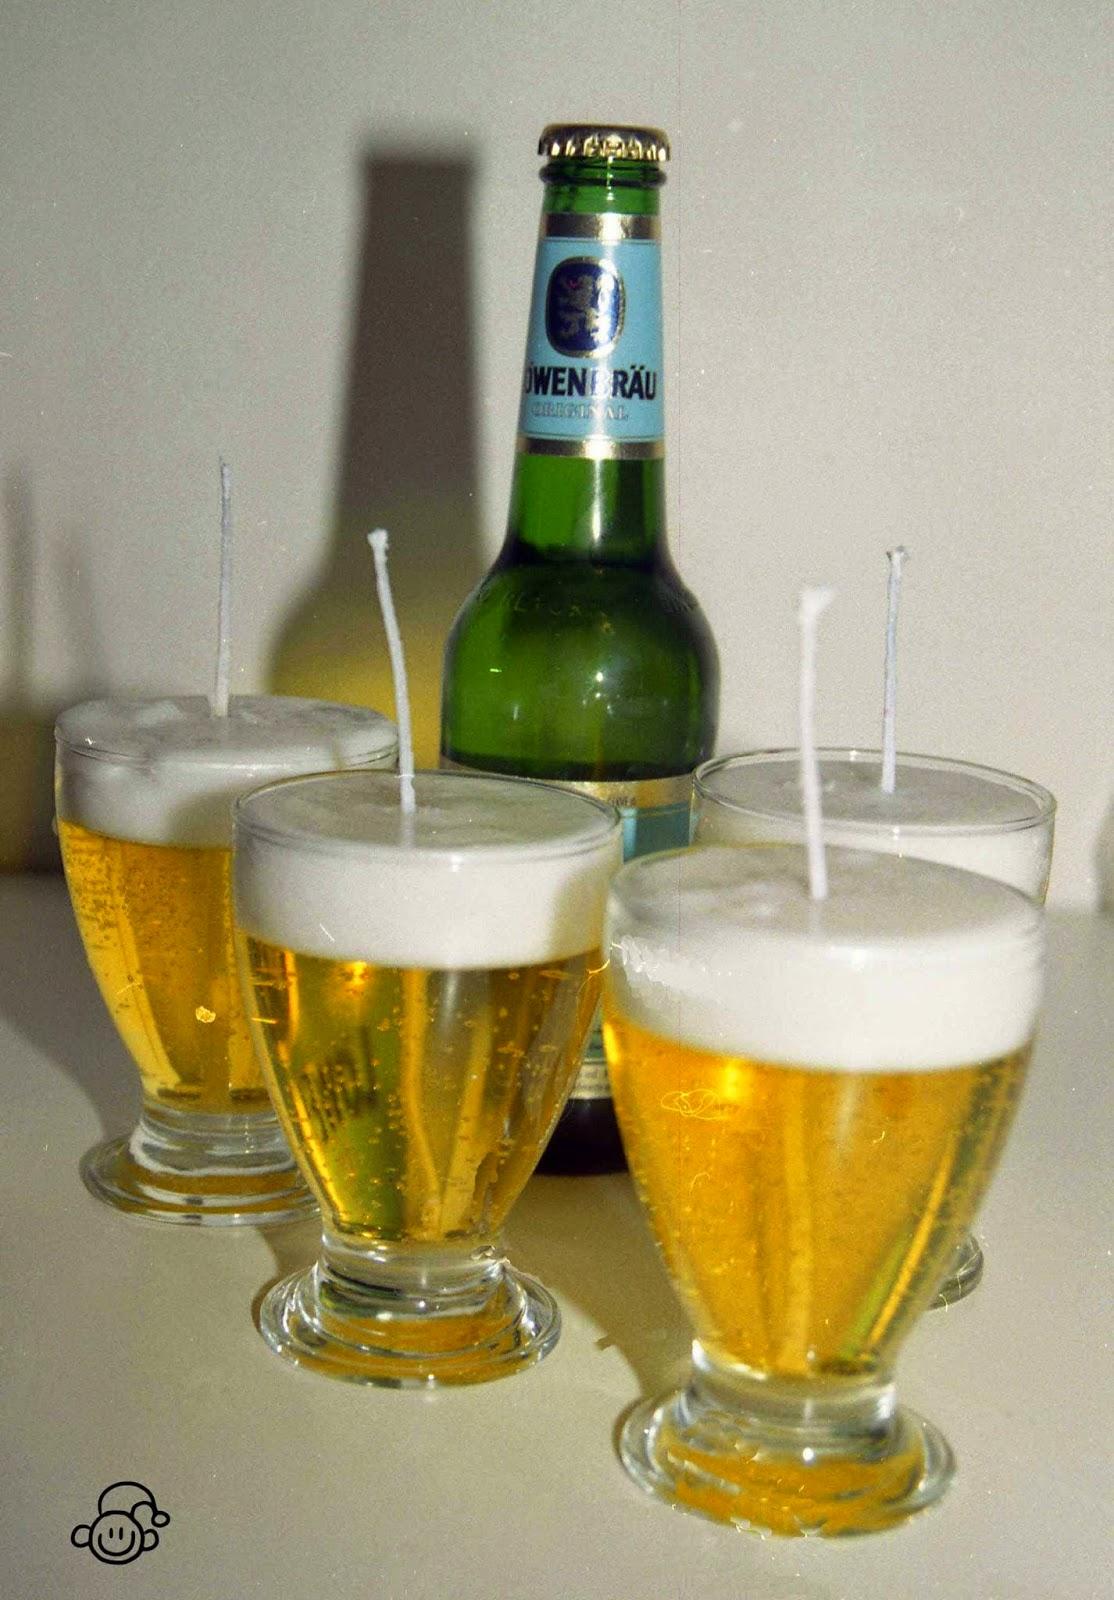 Come alcolizzati prima di bere difficile si comportano